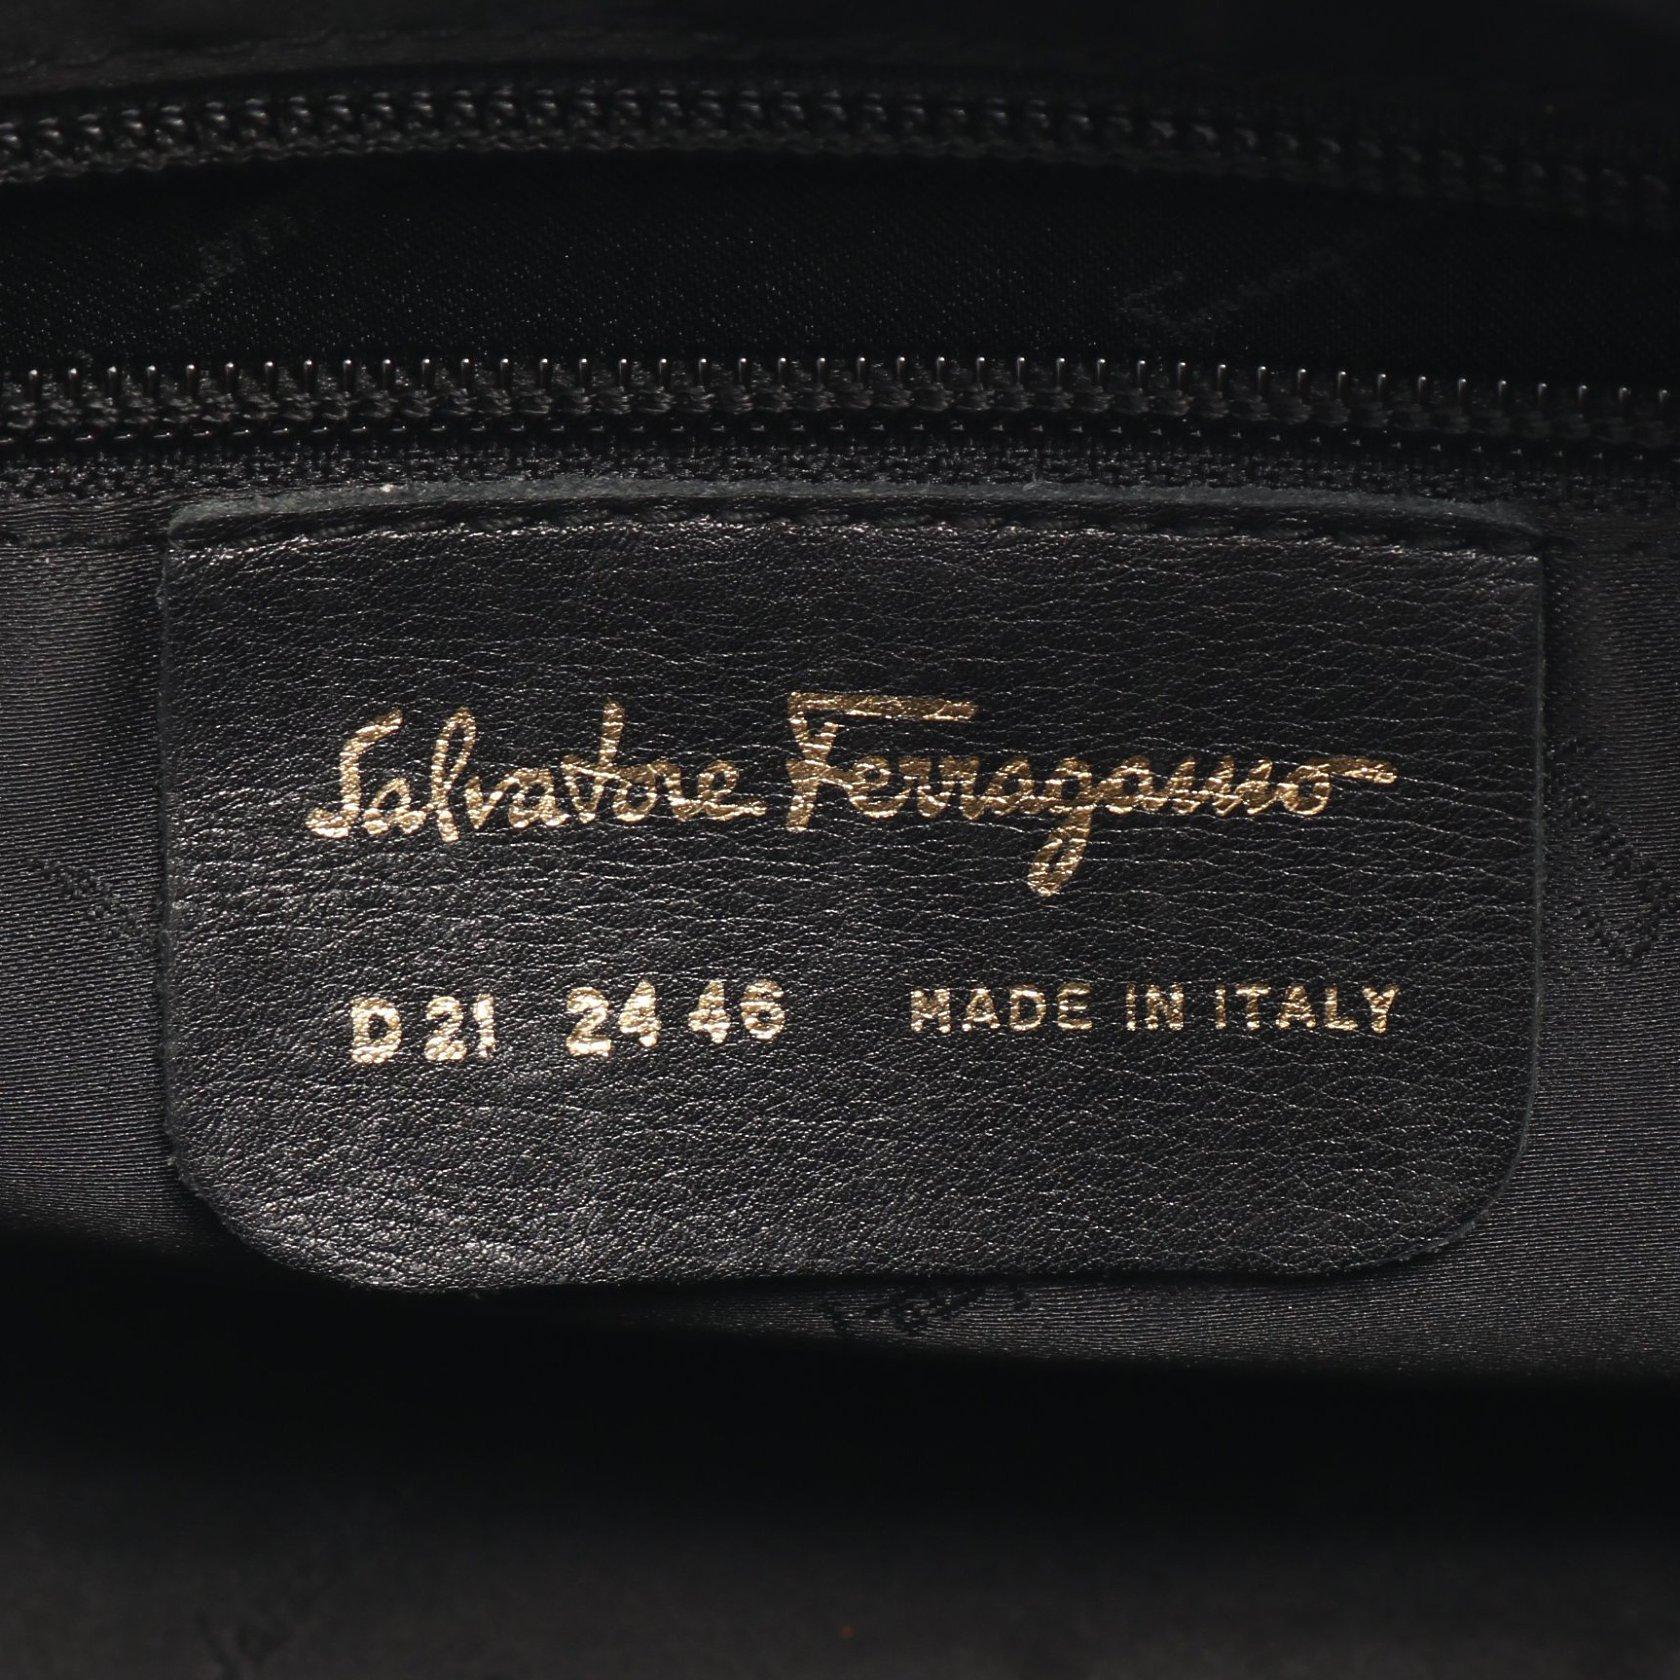 Salvatore Ferragamo・バッグ・ガンチーニ ショルダーバッグ ナイロン レザー ブラック